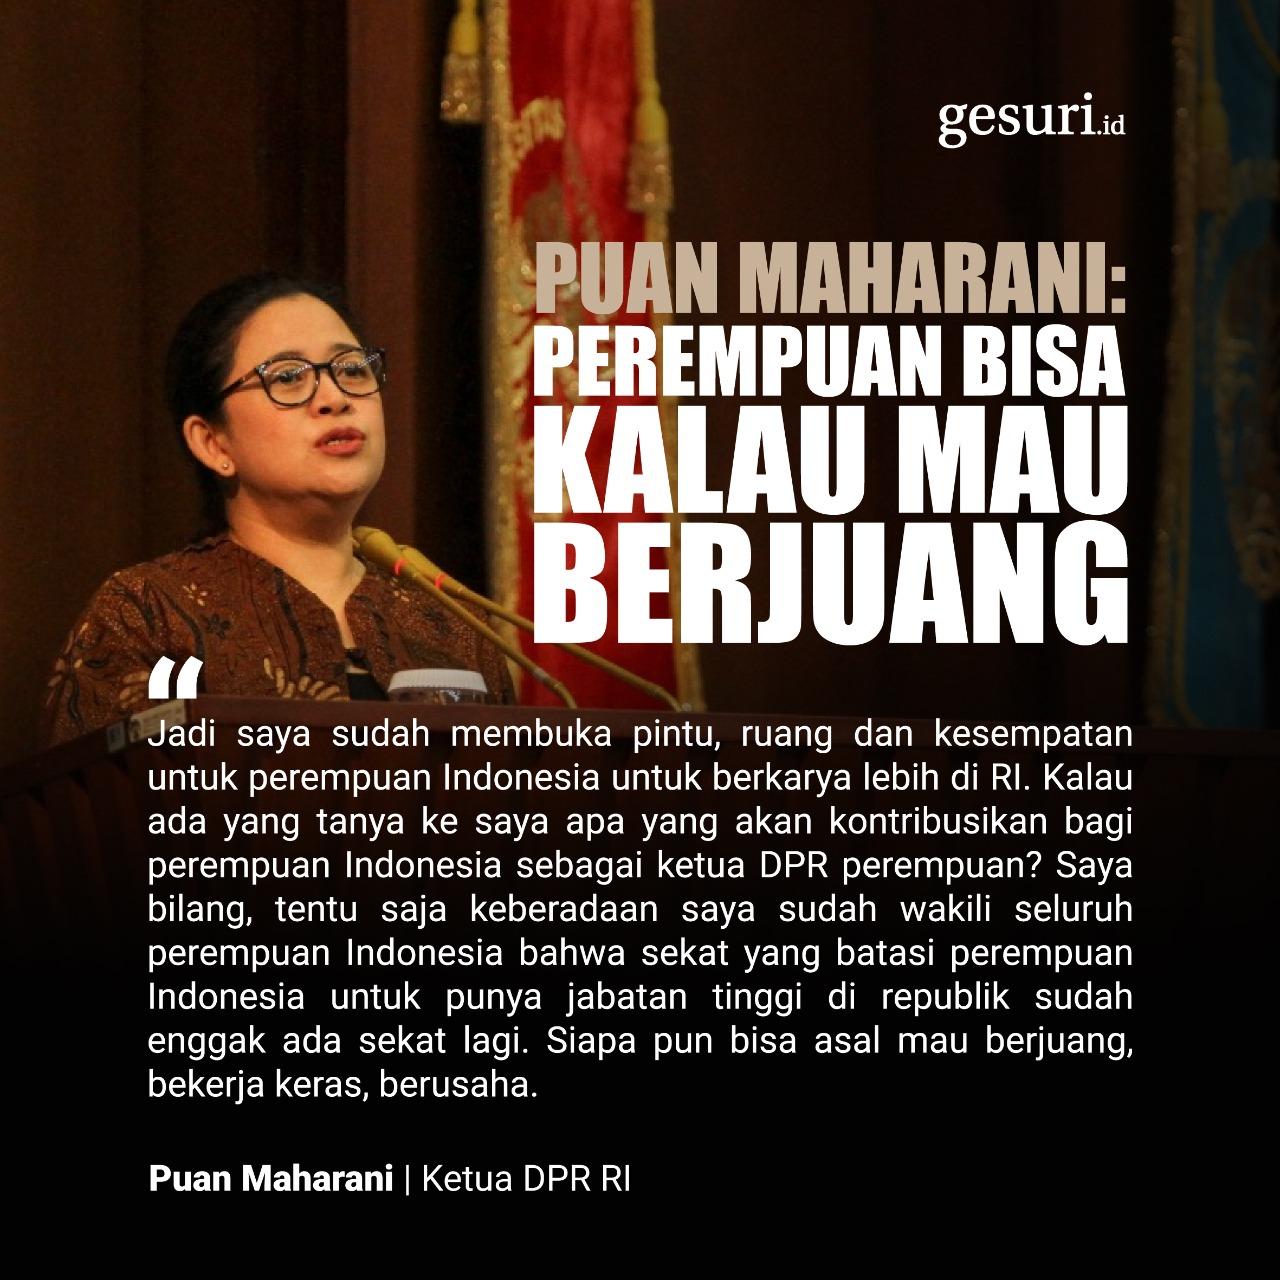 Puan Maharani: Perempuan Bisa Kalau Mau Berjuang